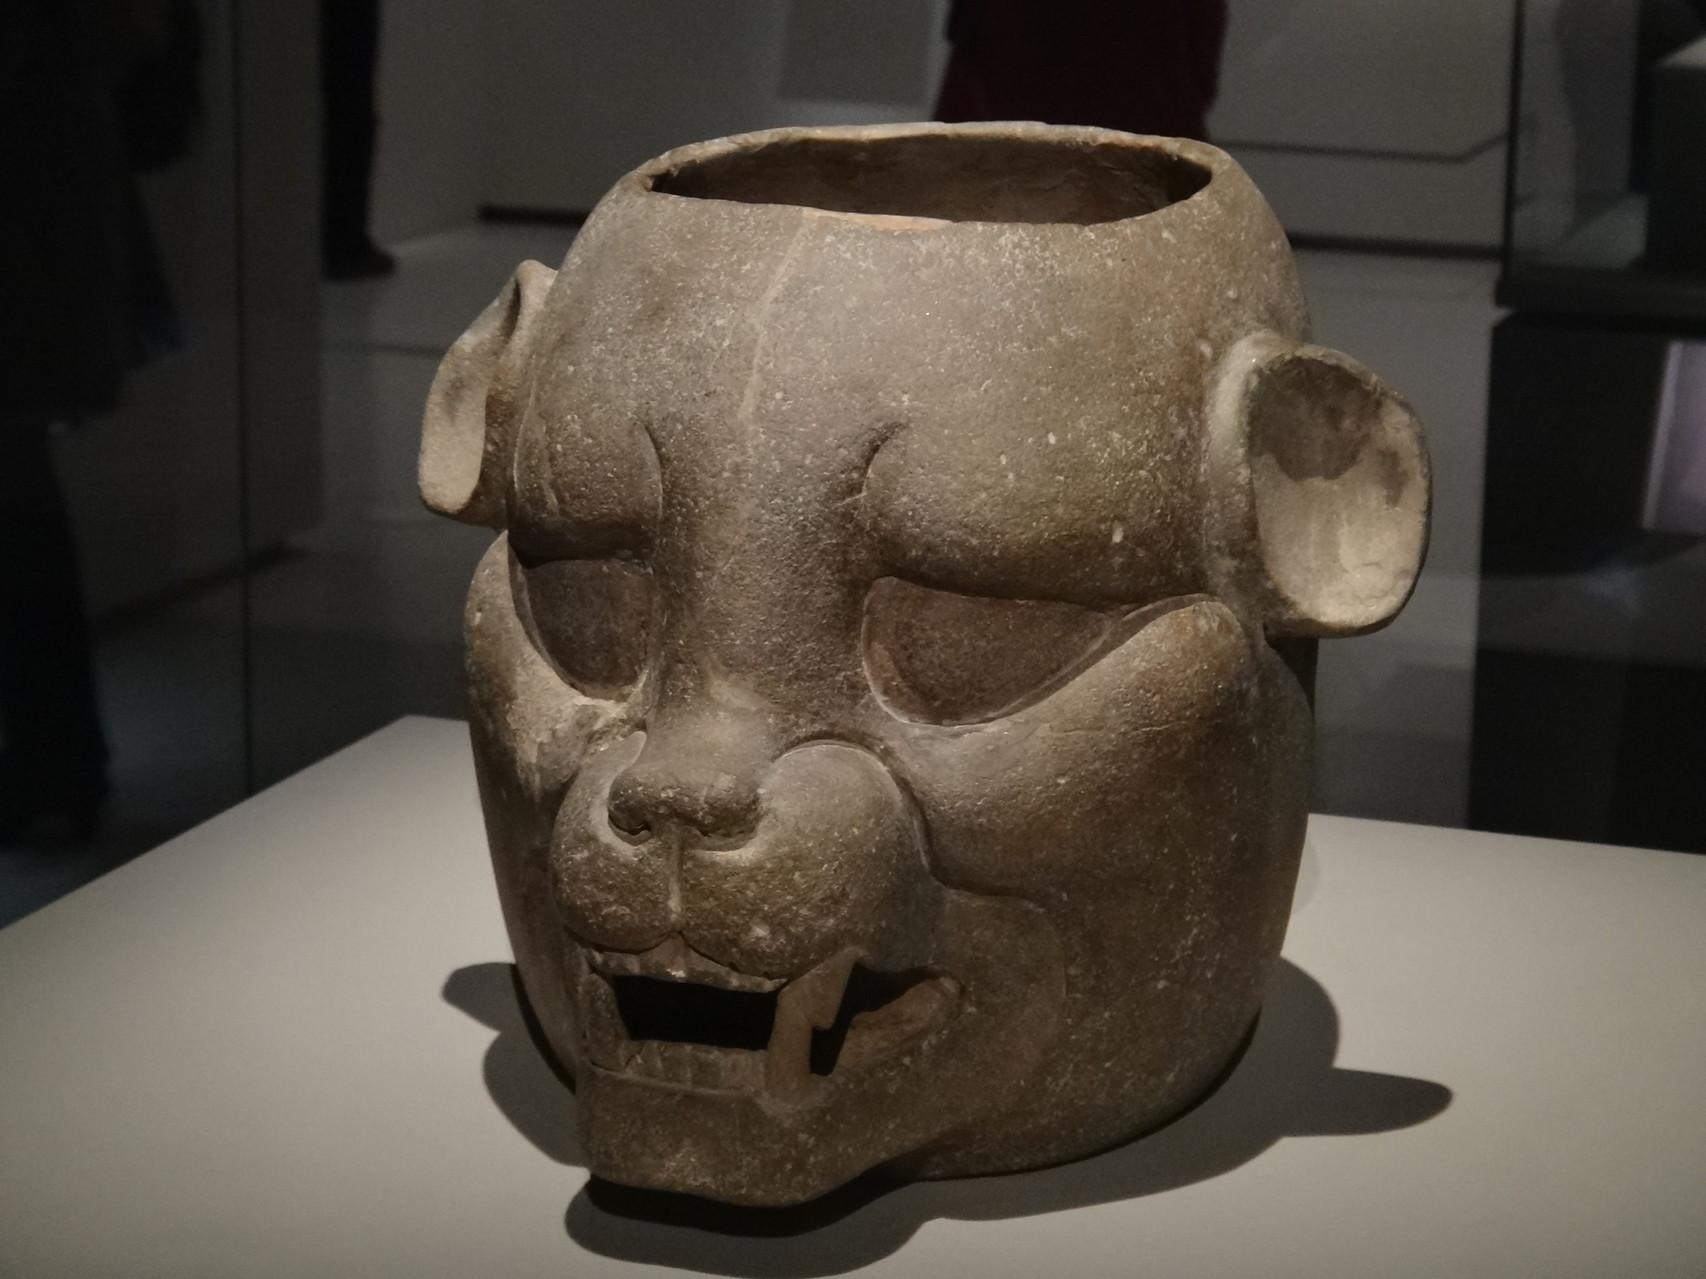 Pot zoomorphe, tabasco, Mexique (céramique) 600-900 ap JC. Les images de félins (ici jaguar) sont très fréquentes dans la sculpture maya